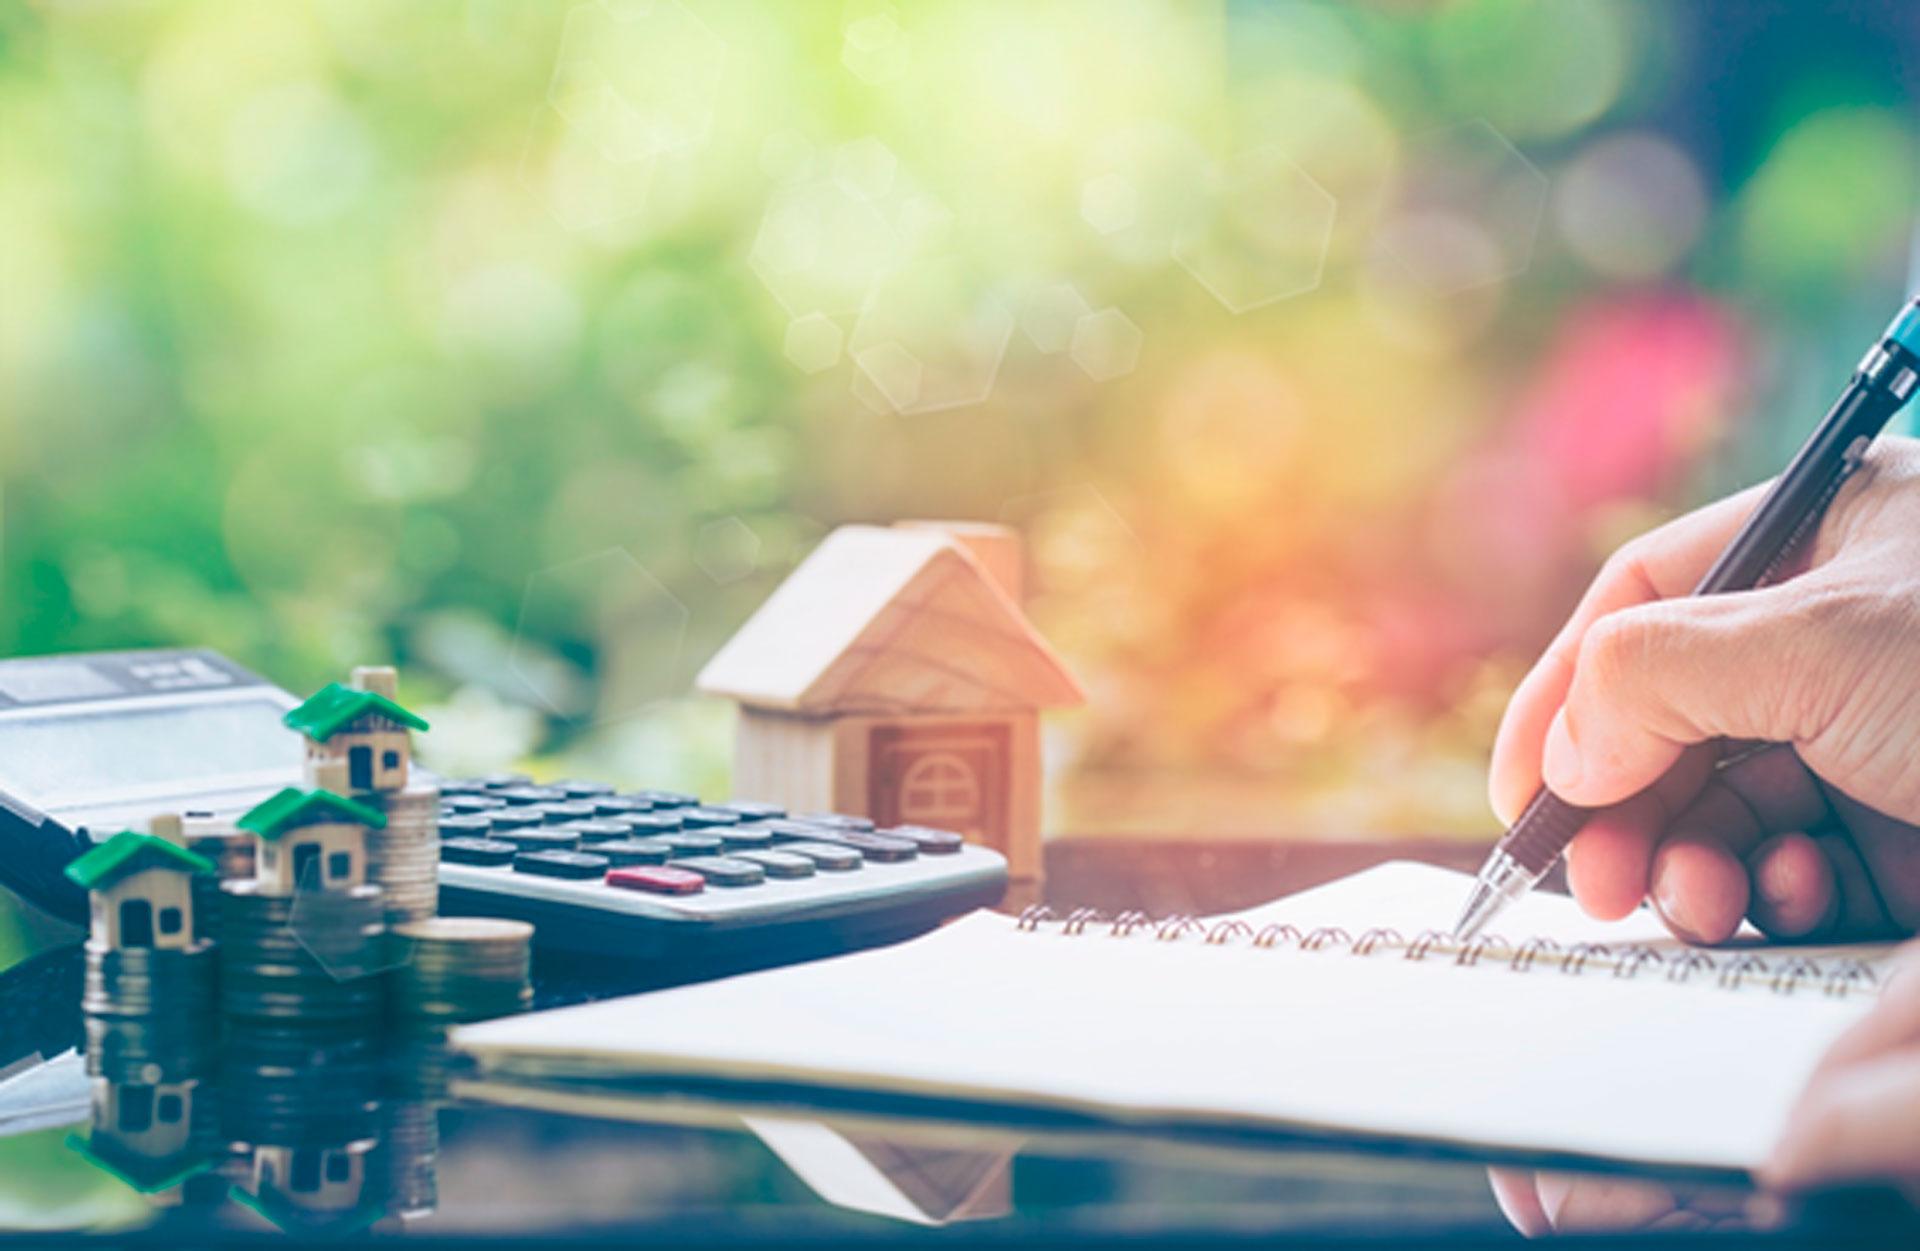 Los gastos hipotecarios quedarán repartidos entre el banco y el cliente. El más alto Tribunal aclara definitivamente cómo deberían repartirse los gastos hipotecarios.